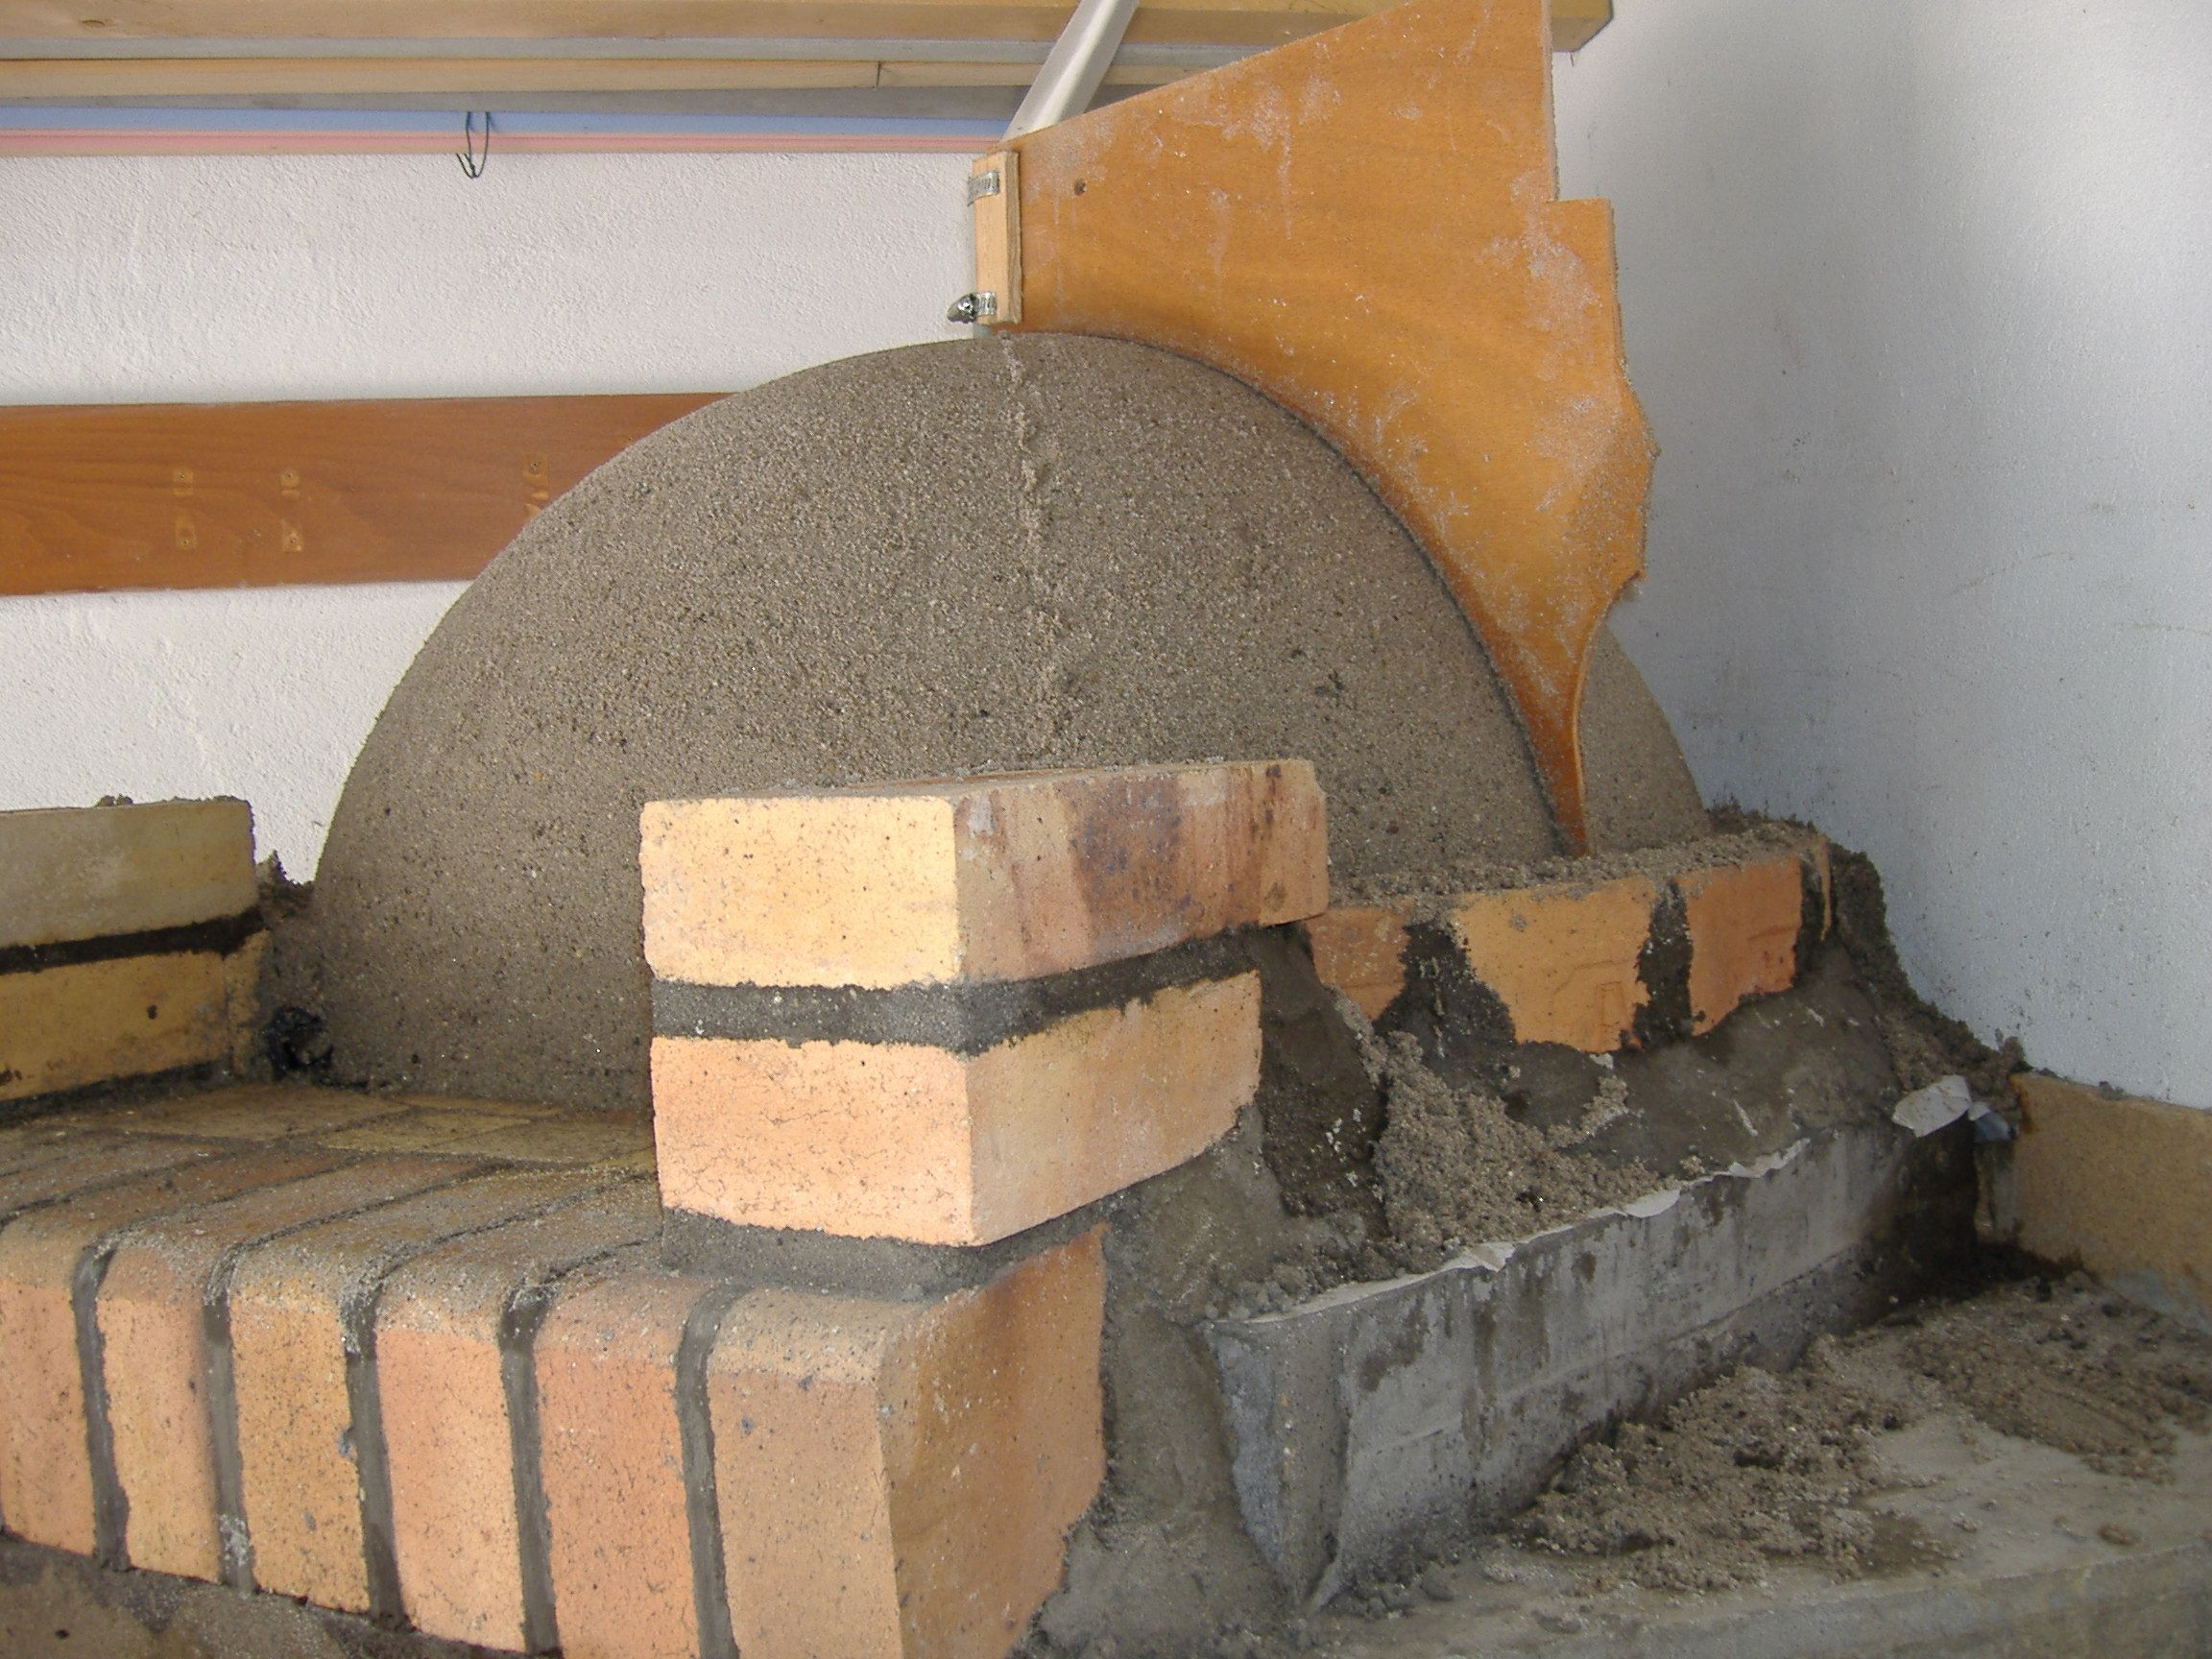 Elegant Construction Du0027un Four à Pain Traditionnel